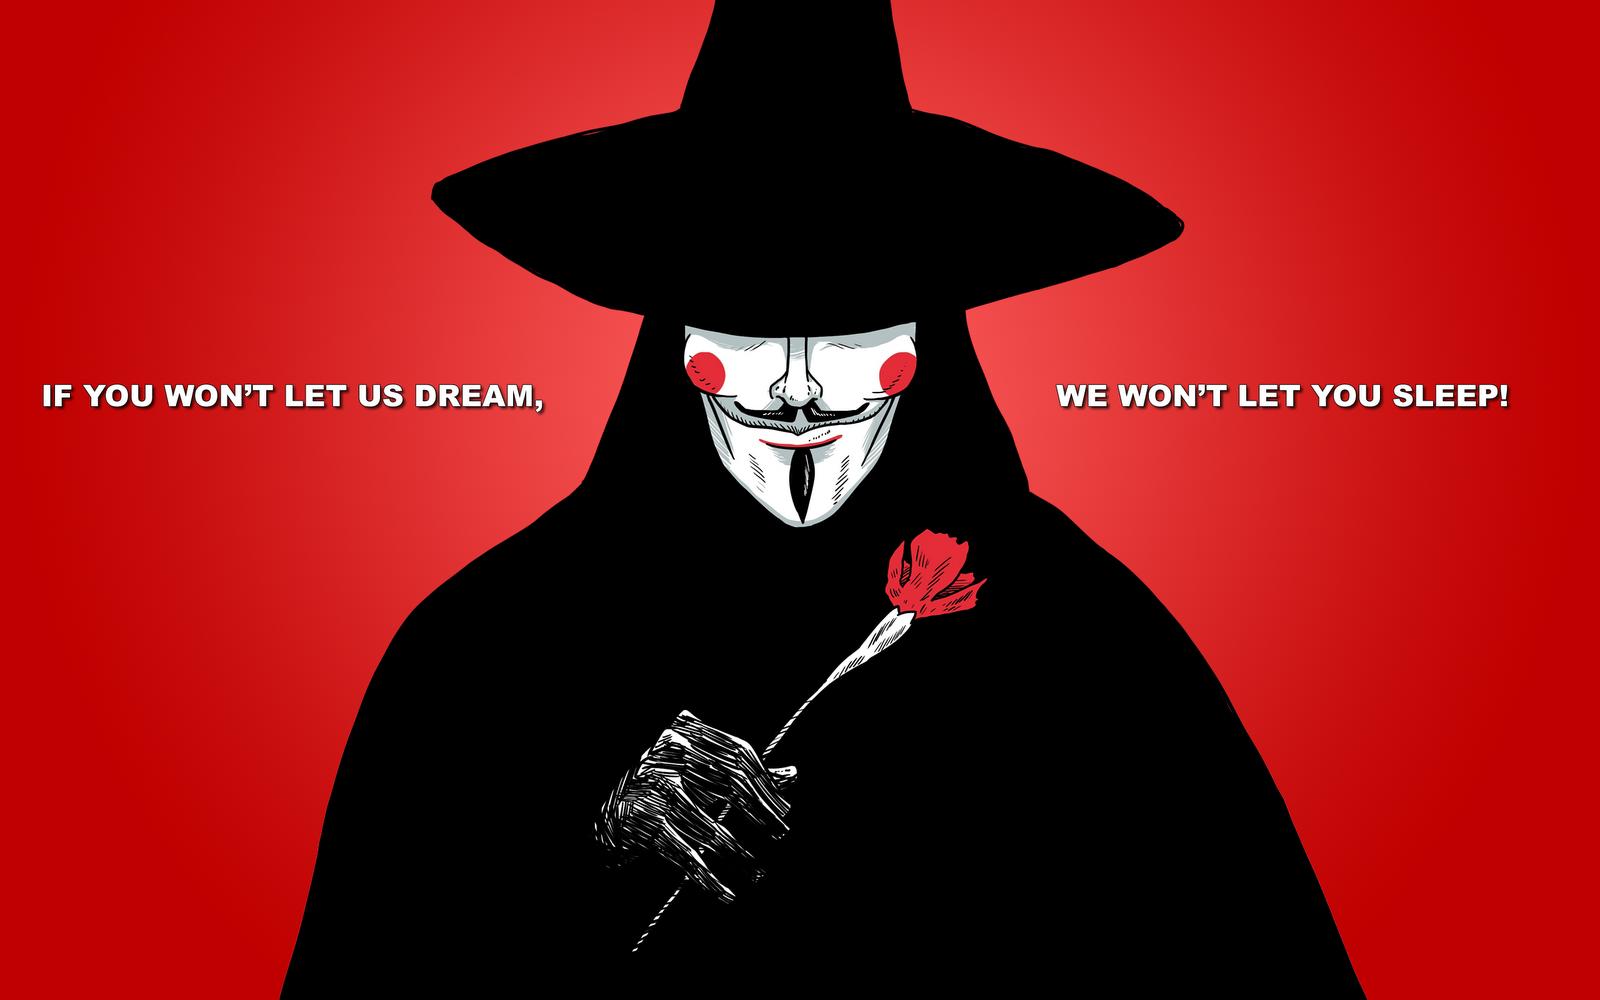 V For Vendetta Mask Wallpaper Quotes V For Vendetta Wallpap...